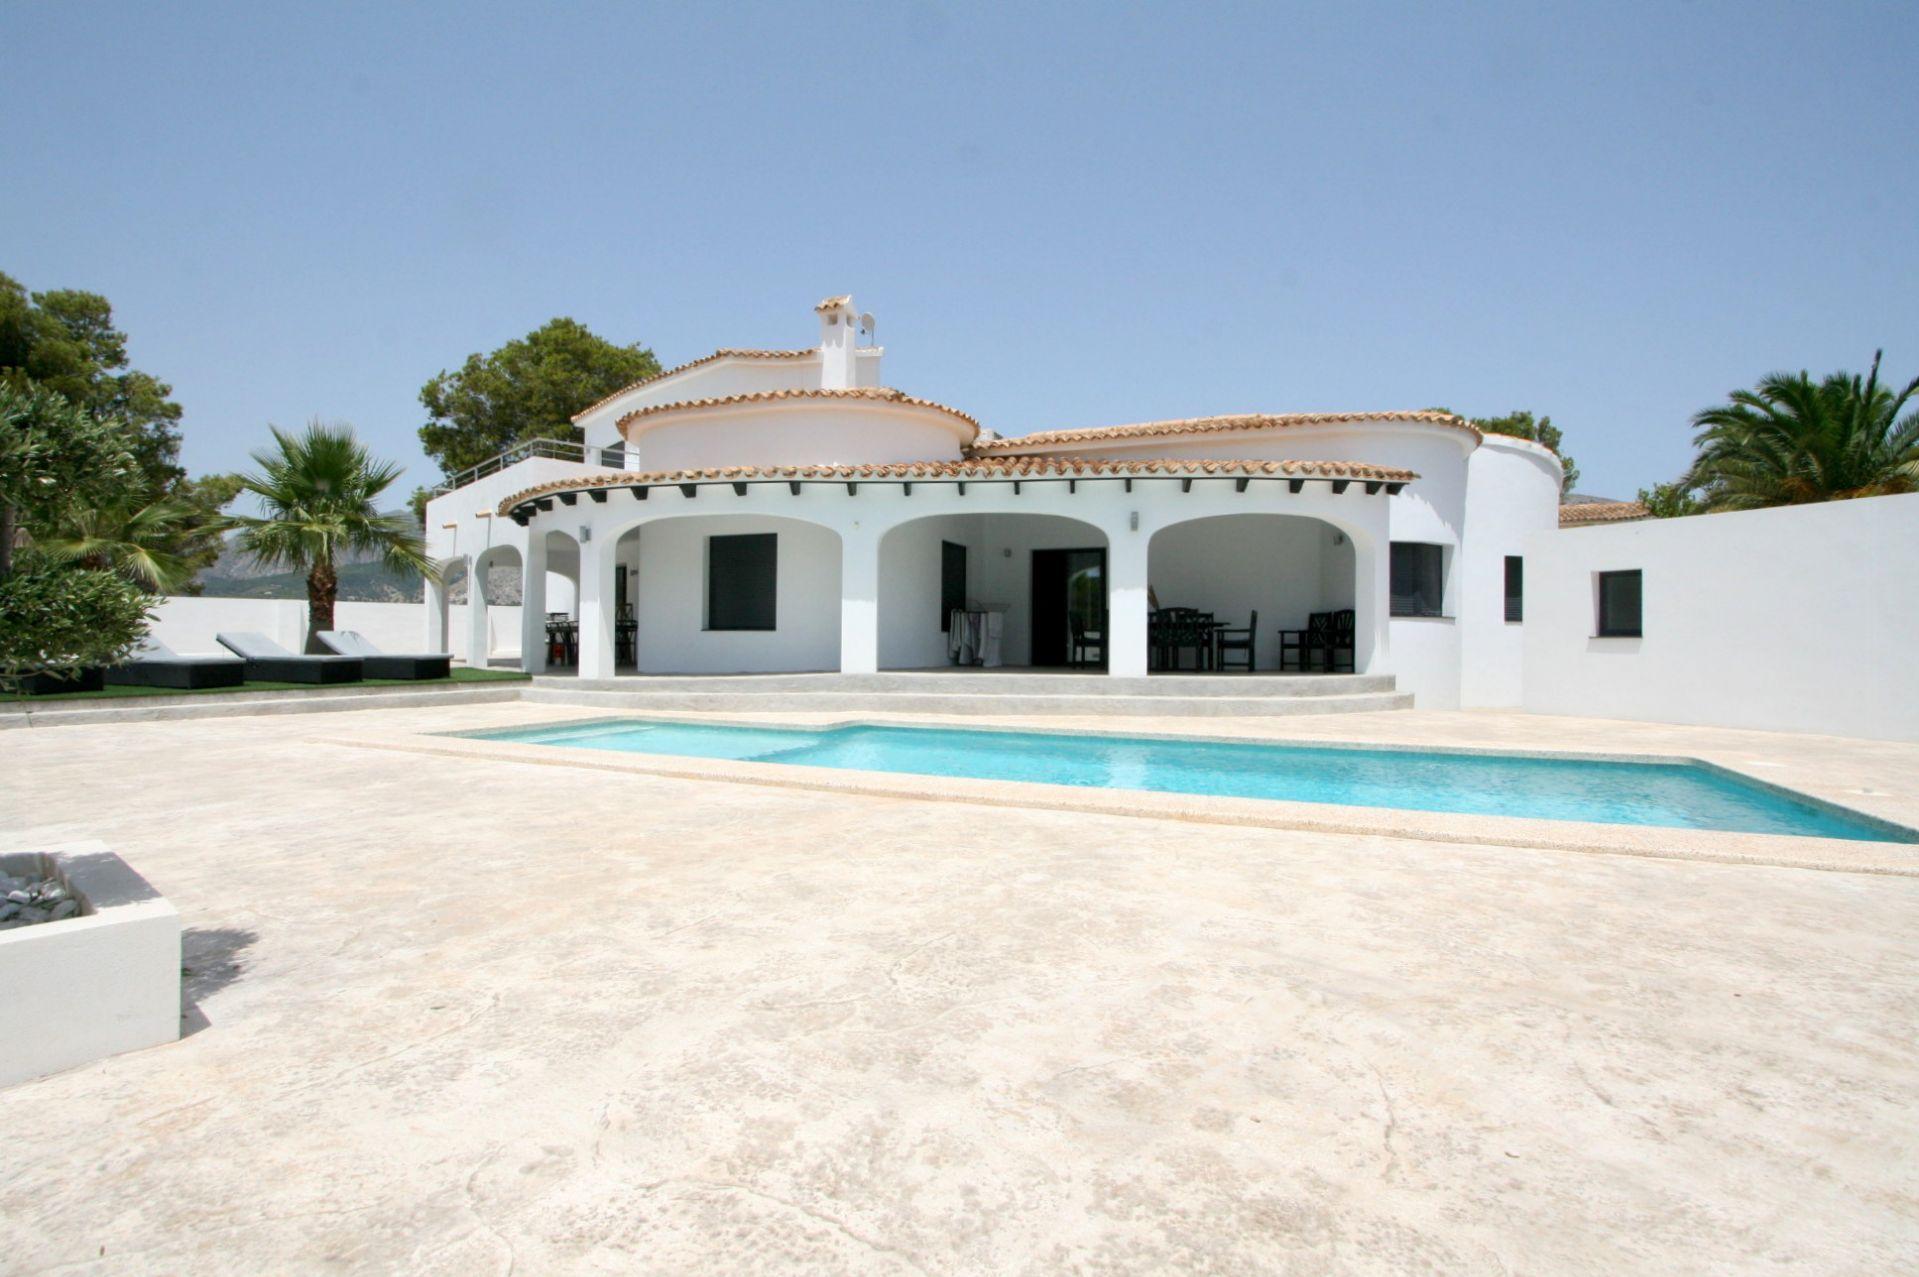 Schöne klassische mediterrane Villa mit Seele in bester Lage